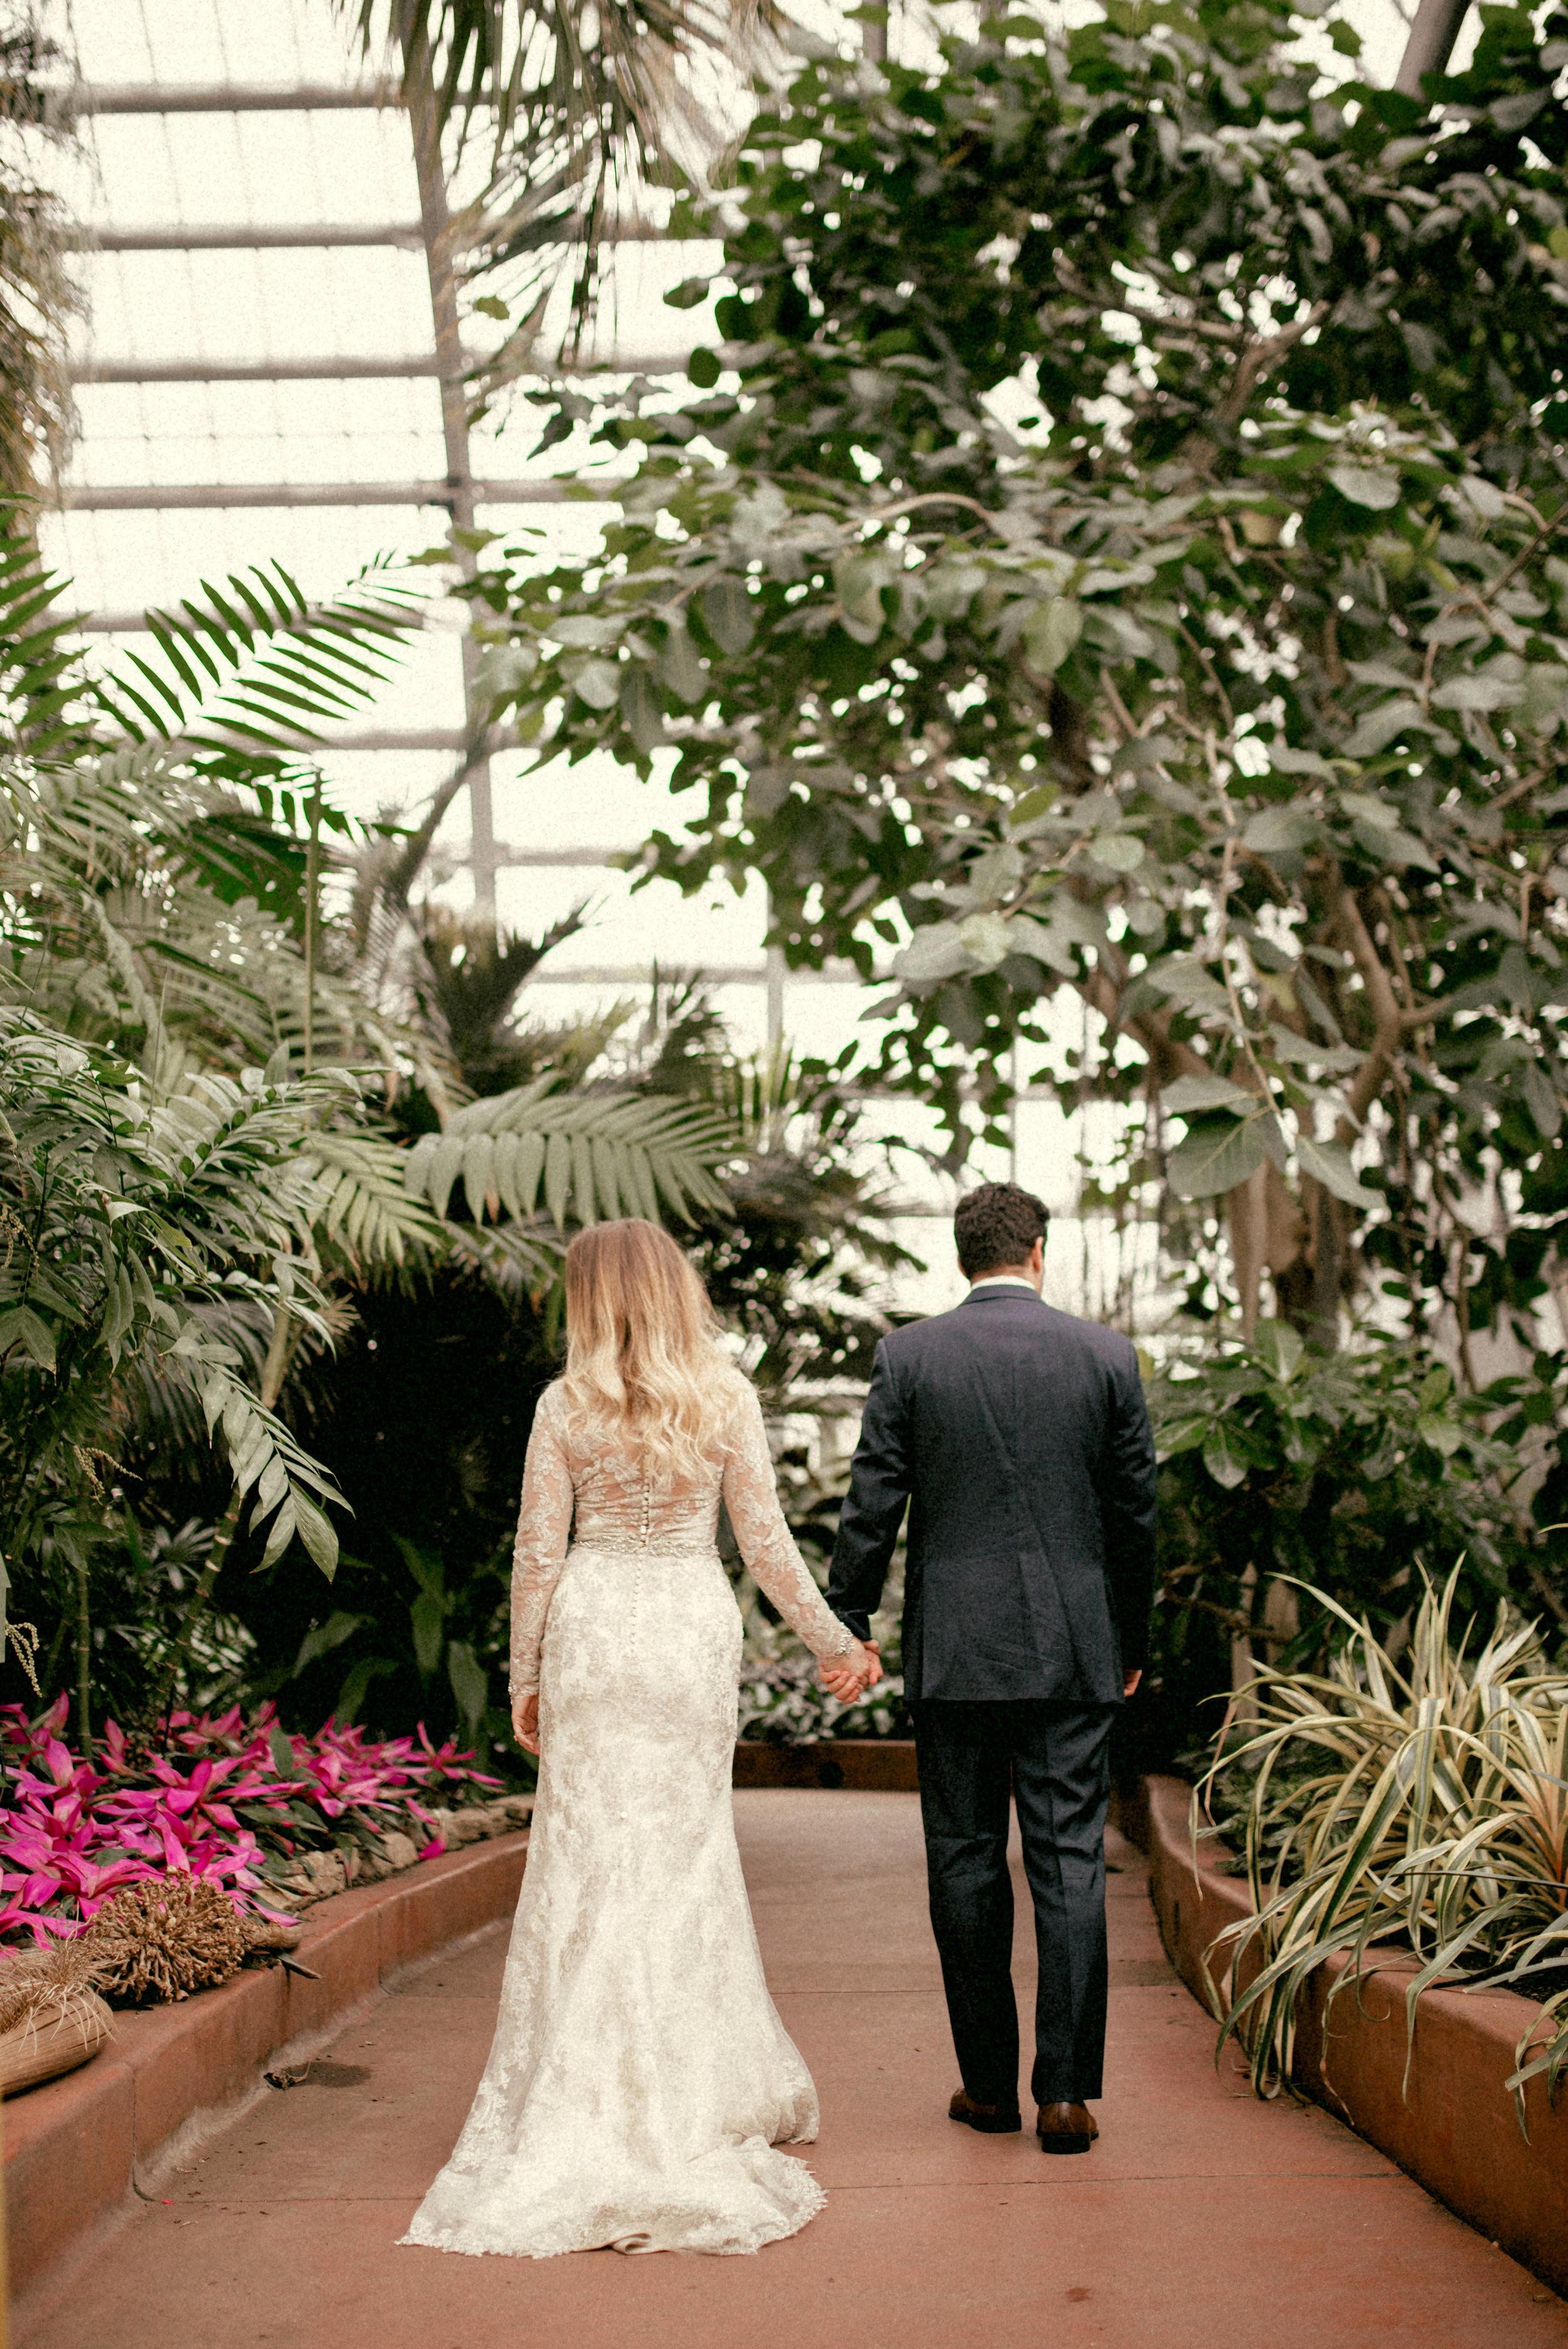 garfield park conservatory chicago wedding 07